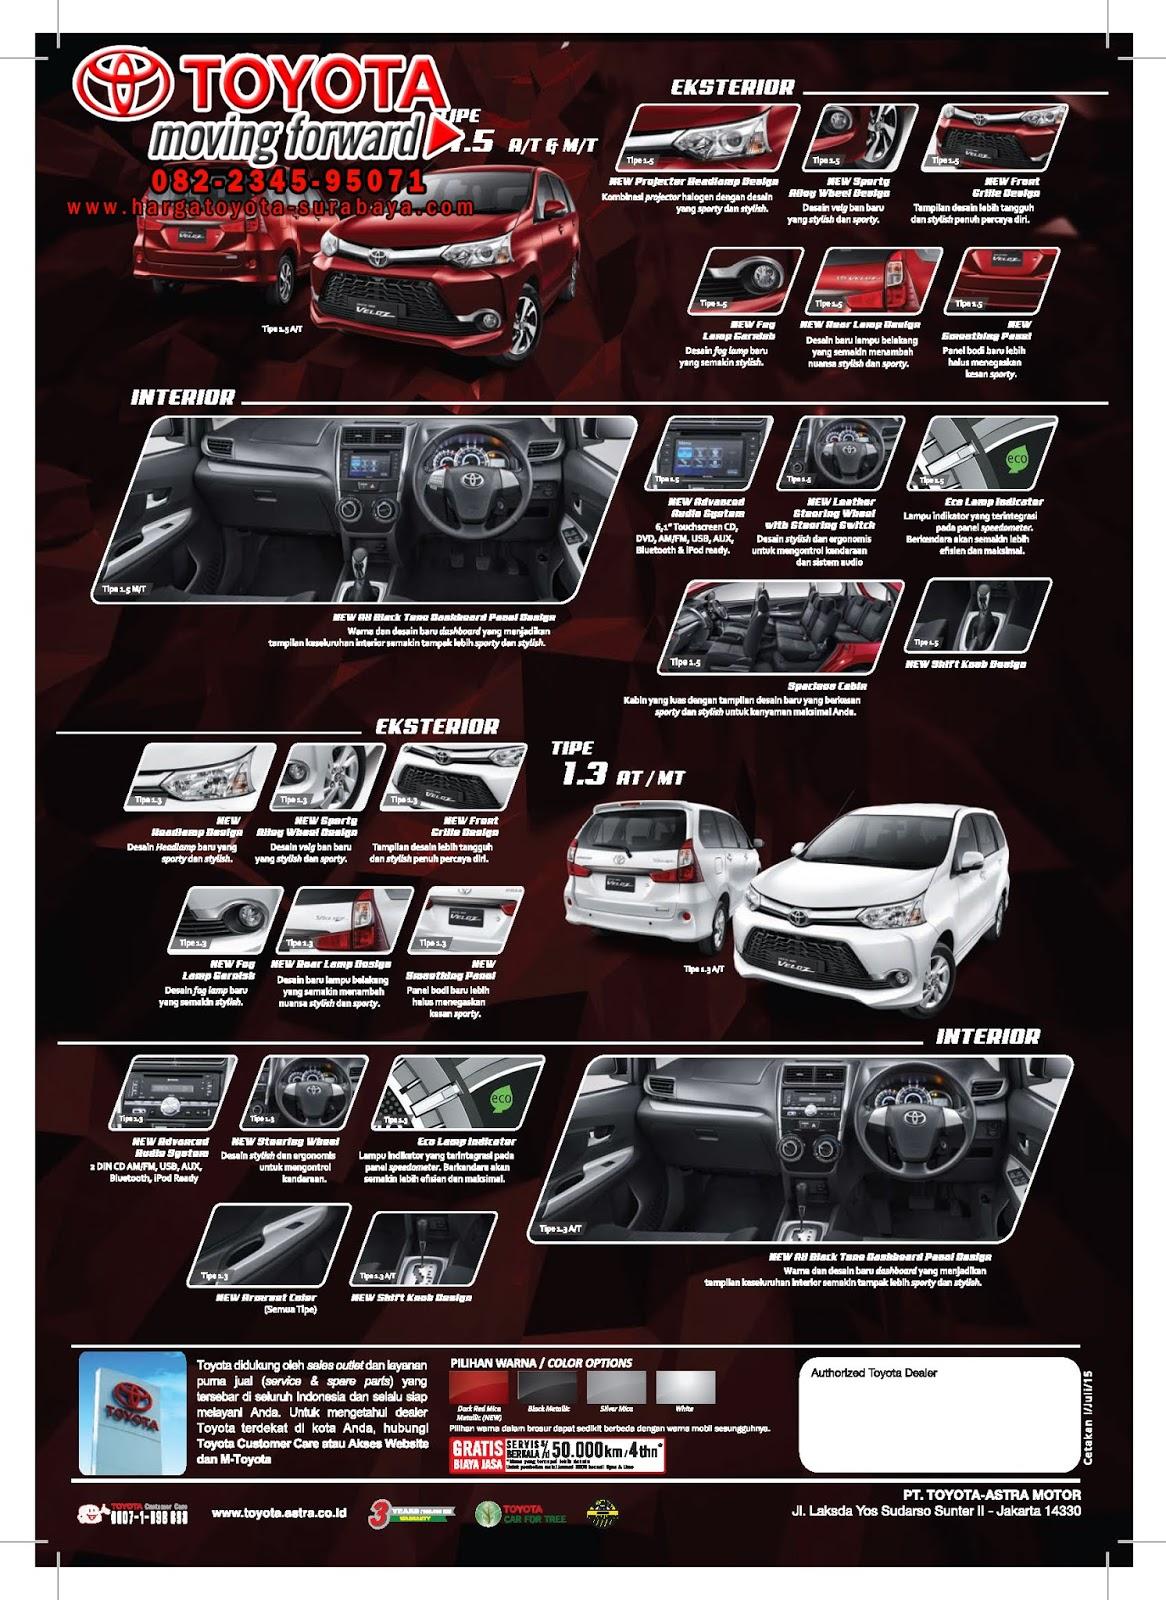 Katalog Grand New Avanza Interior Yaris Trd 2018 Brosur 2015 Harga Toyota Agya Berikut Ini Kami Cantumkan